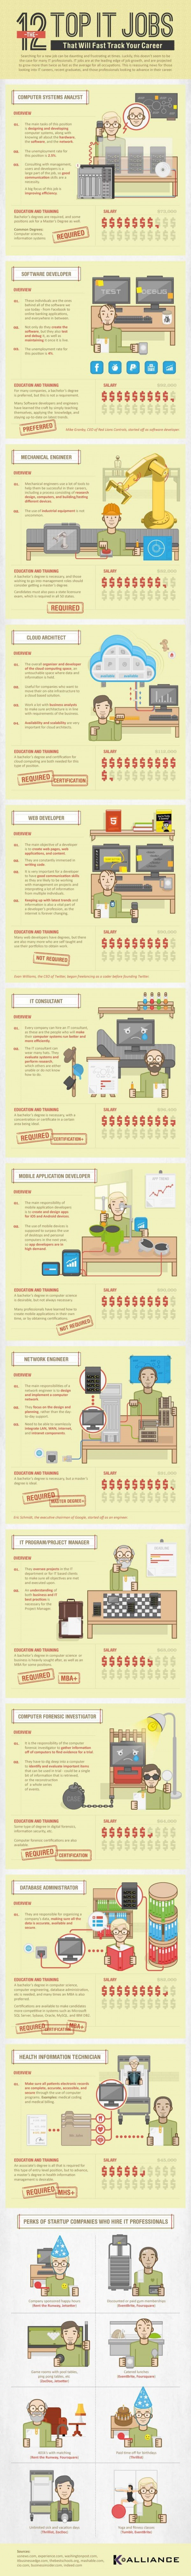 Tech-Talente verzweifelt gesucht - Infographic 12 IT-Berufe